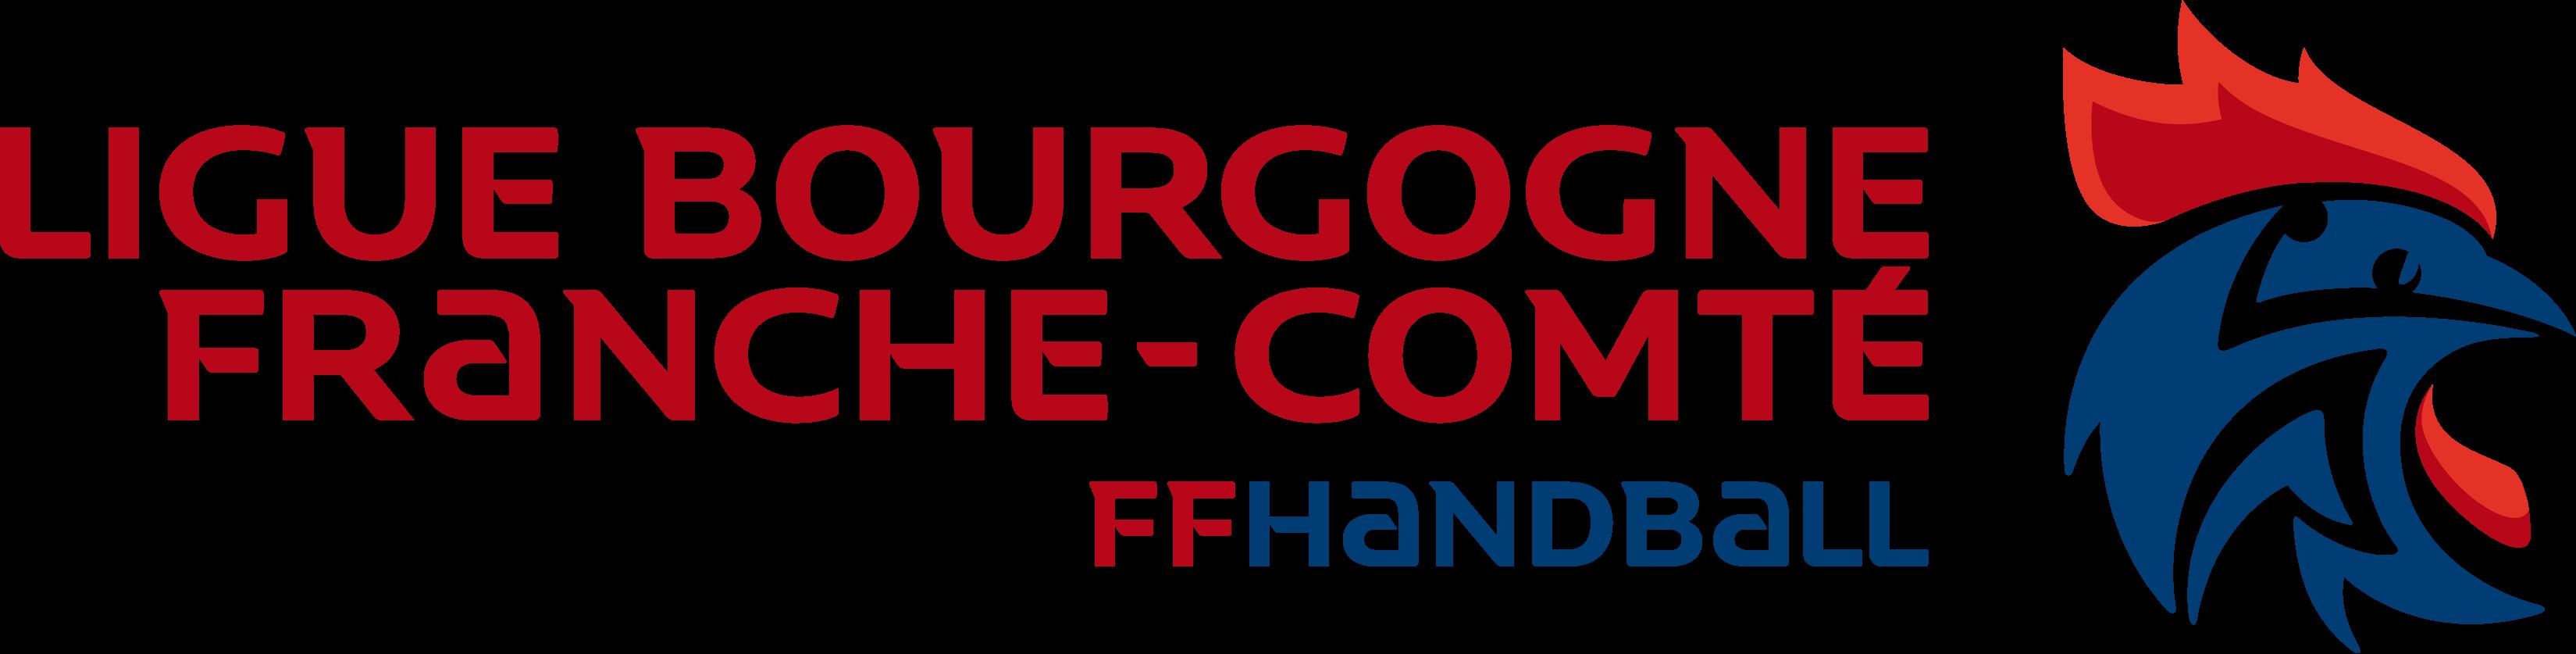 Ligue de Bourgogne Franche-Comté